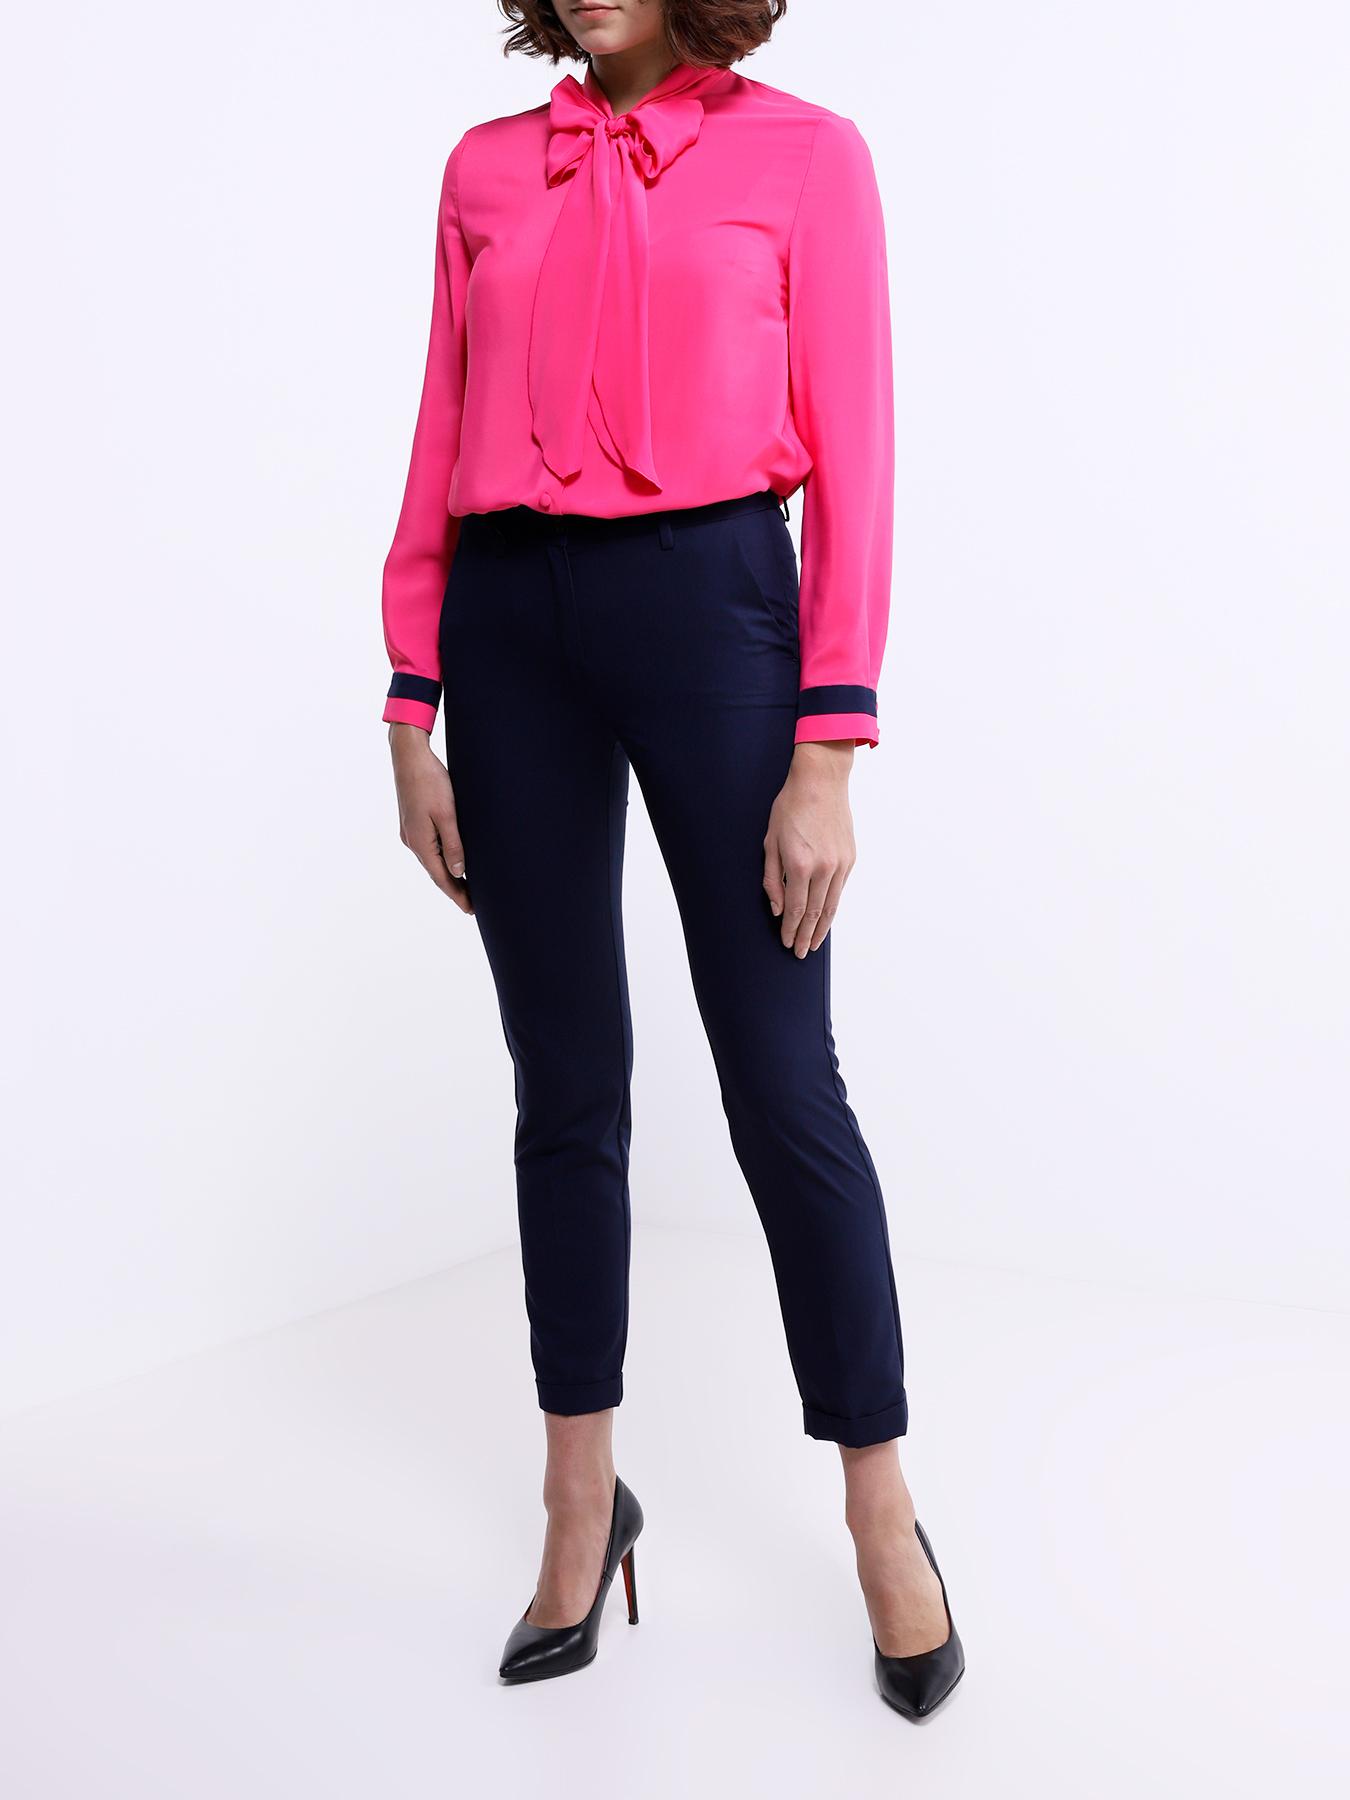 Блузка Korpo Блузка с бантом блузка lime блузка с завязками